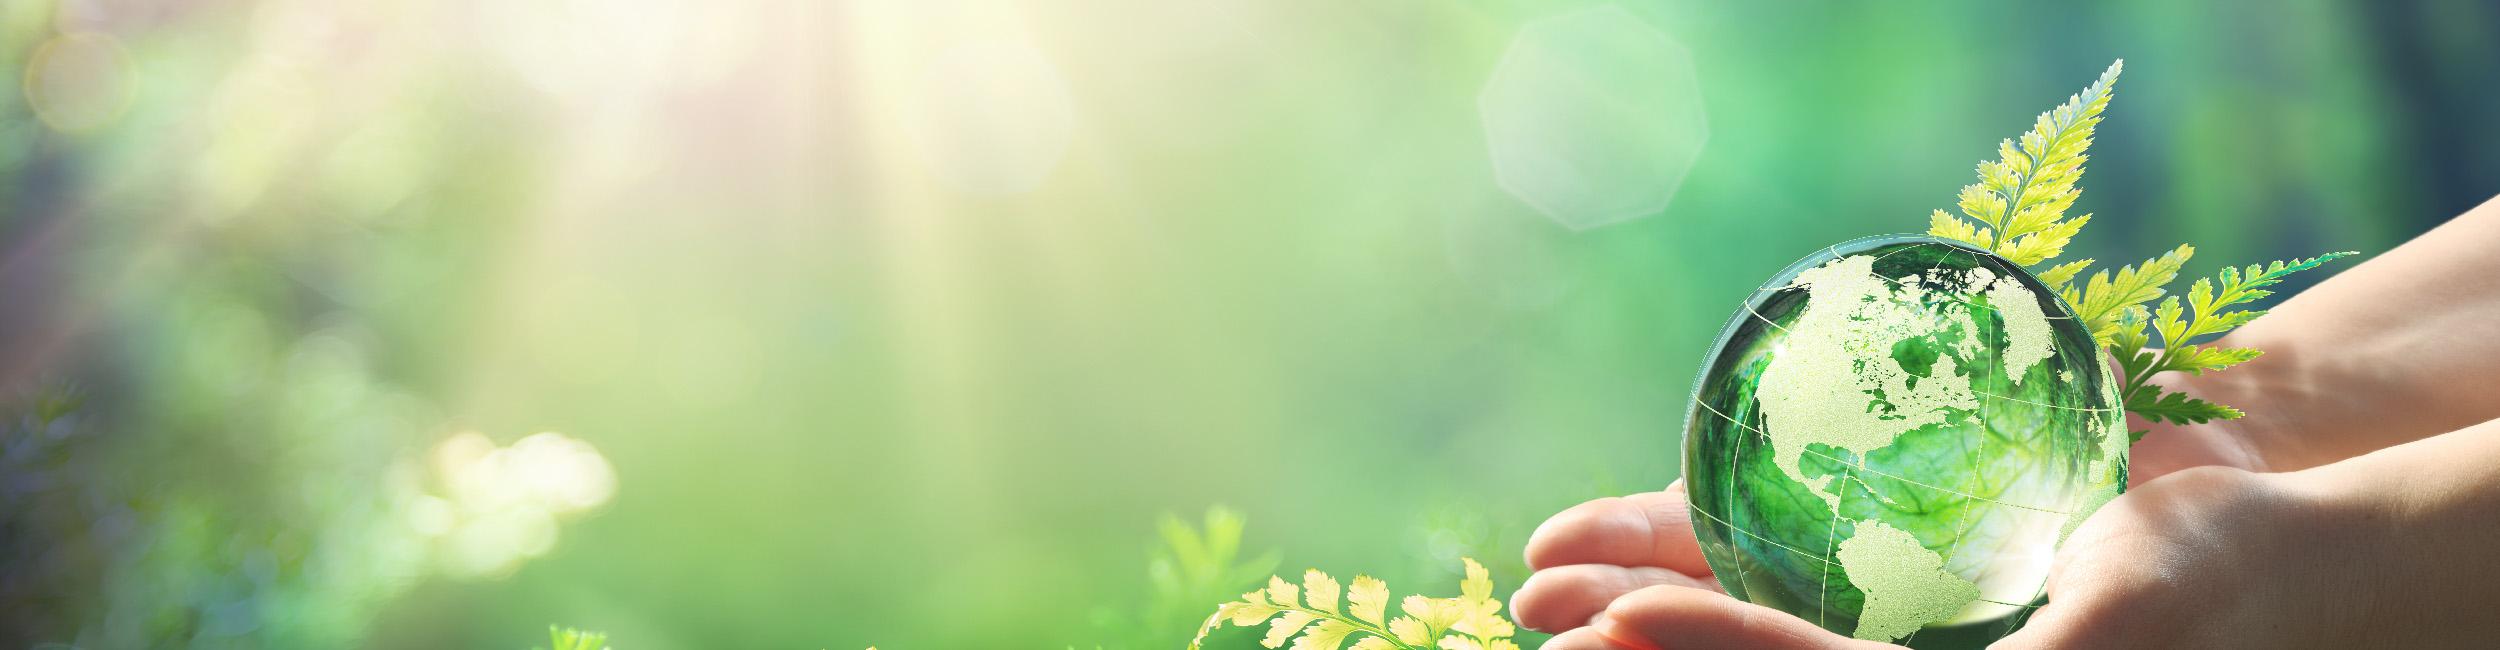 Bioéconomie et Protection de l'Environnement